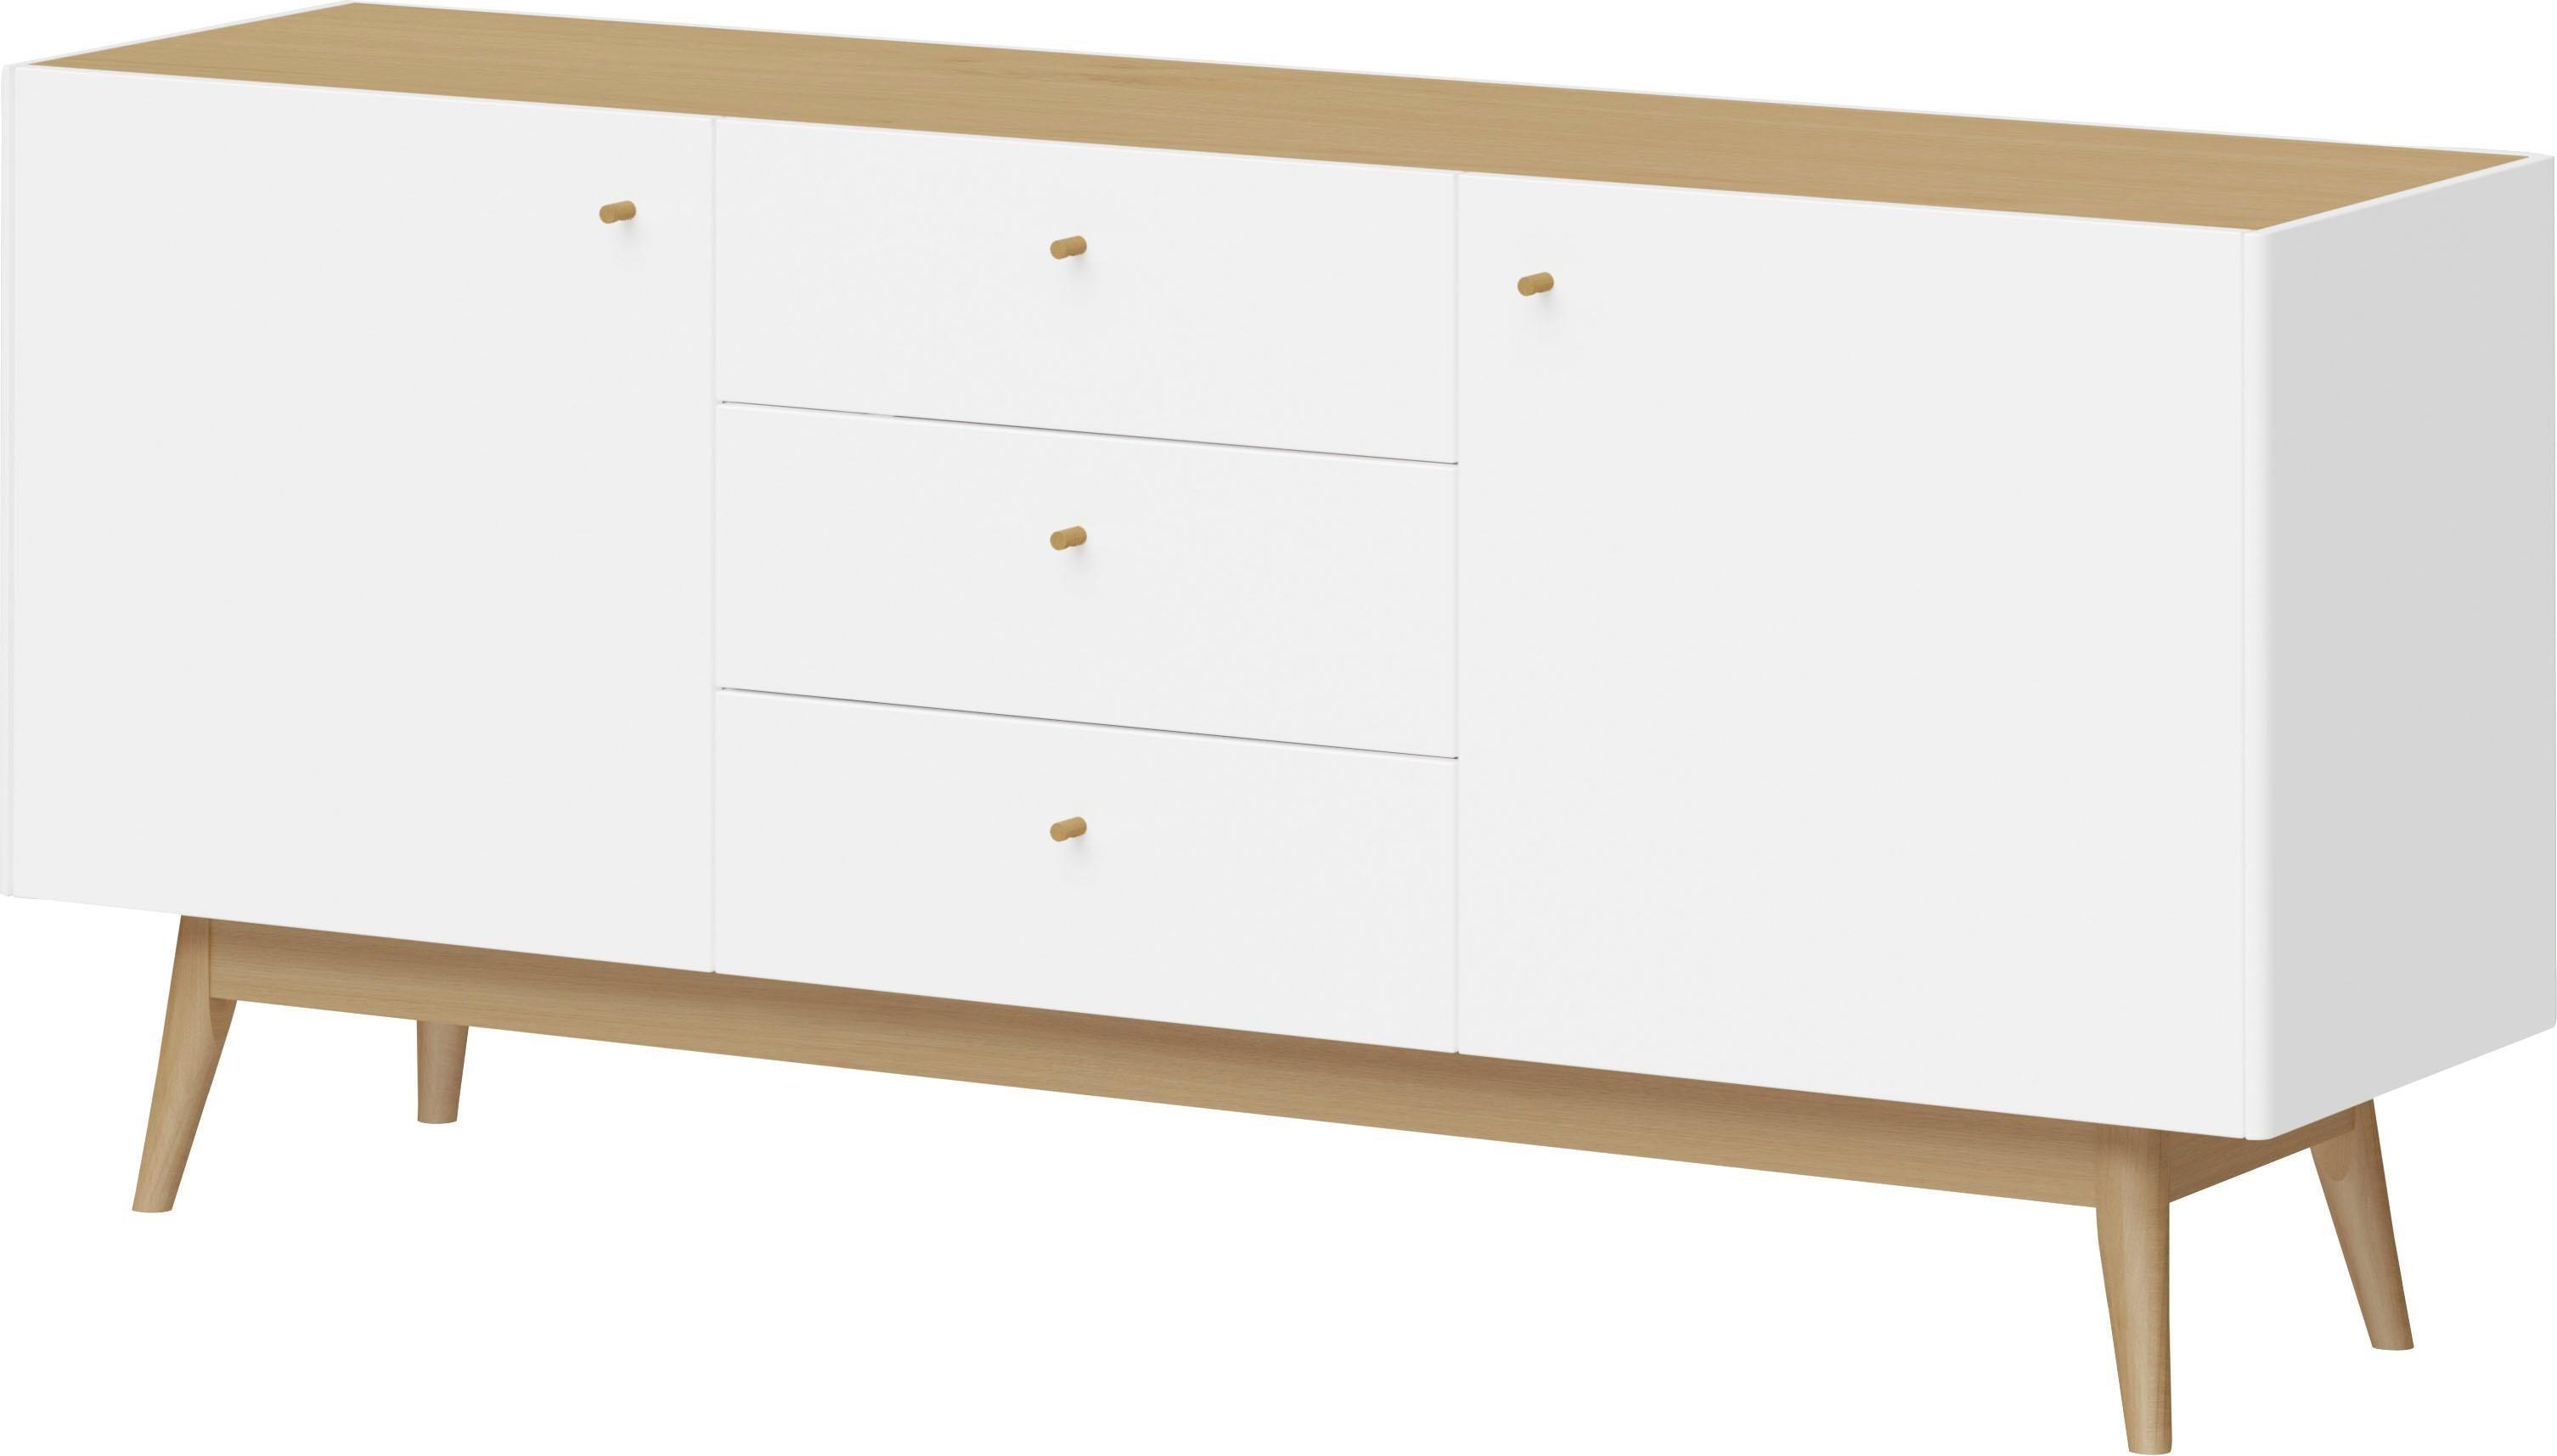 melamin sideboard preisvergleich die besten angebote online kaufen. Black Bedroom Furniture Sets. Home Design Ideas